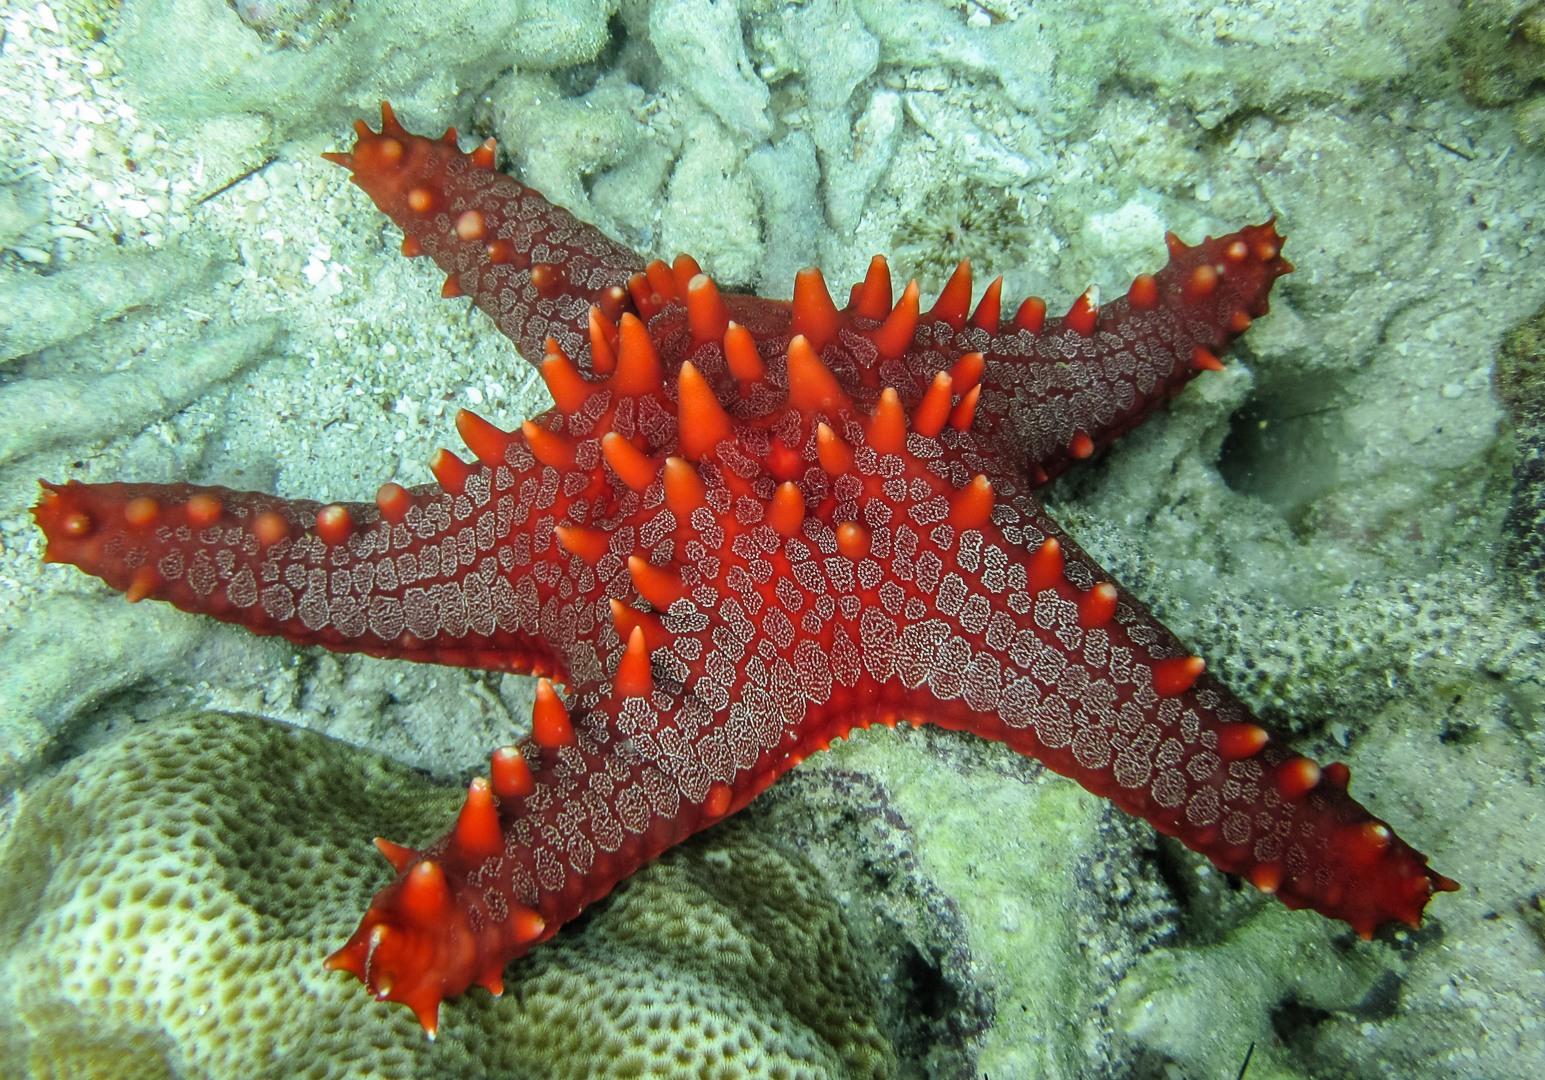 Red-knobbed starfish, Philippines